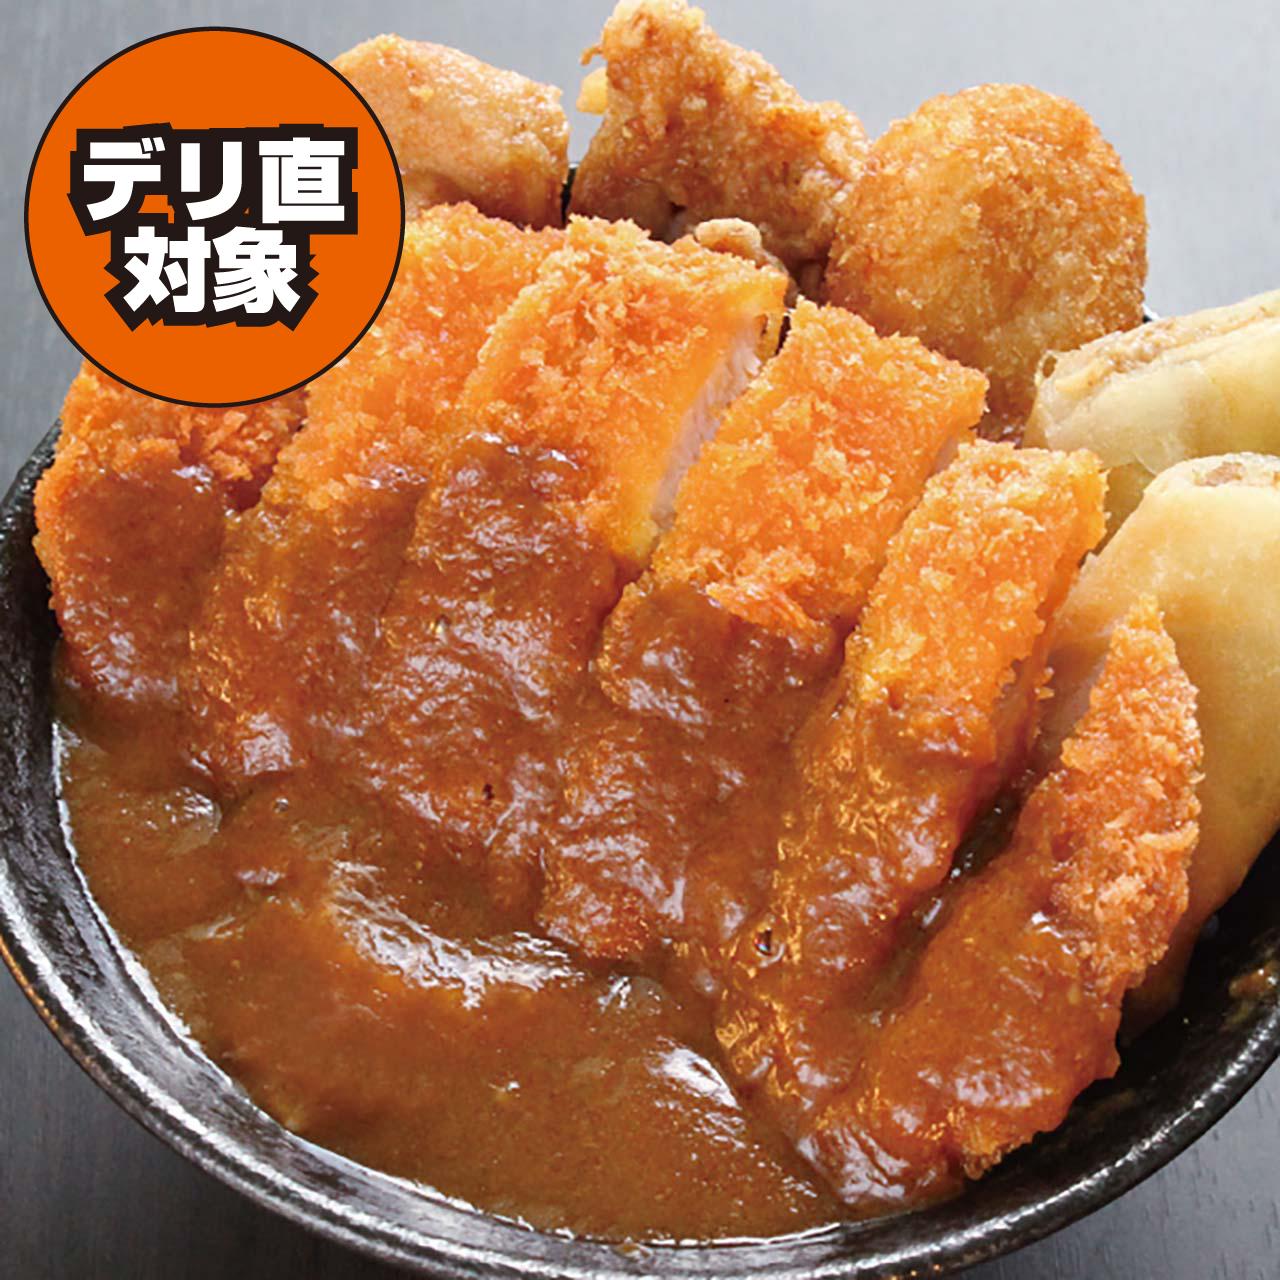 デミカツ丼(500)(唐揚2+コロッケ1+春巻1)